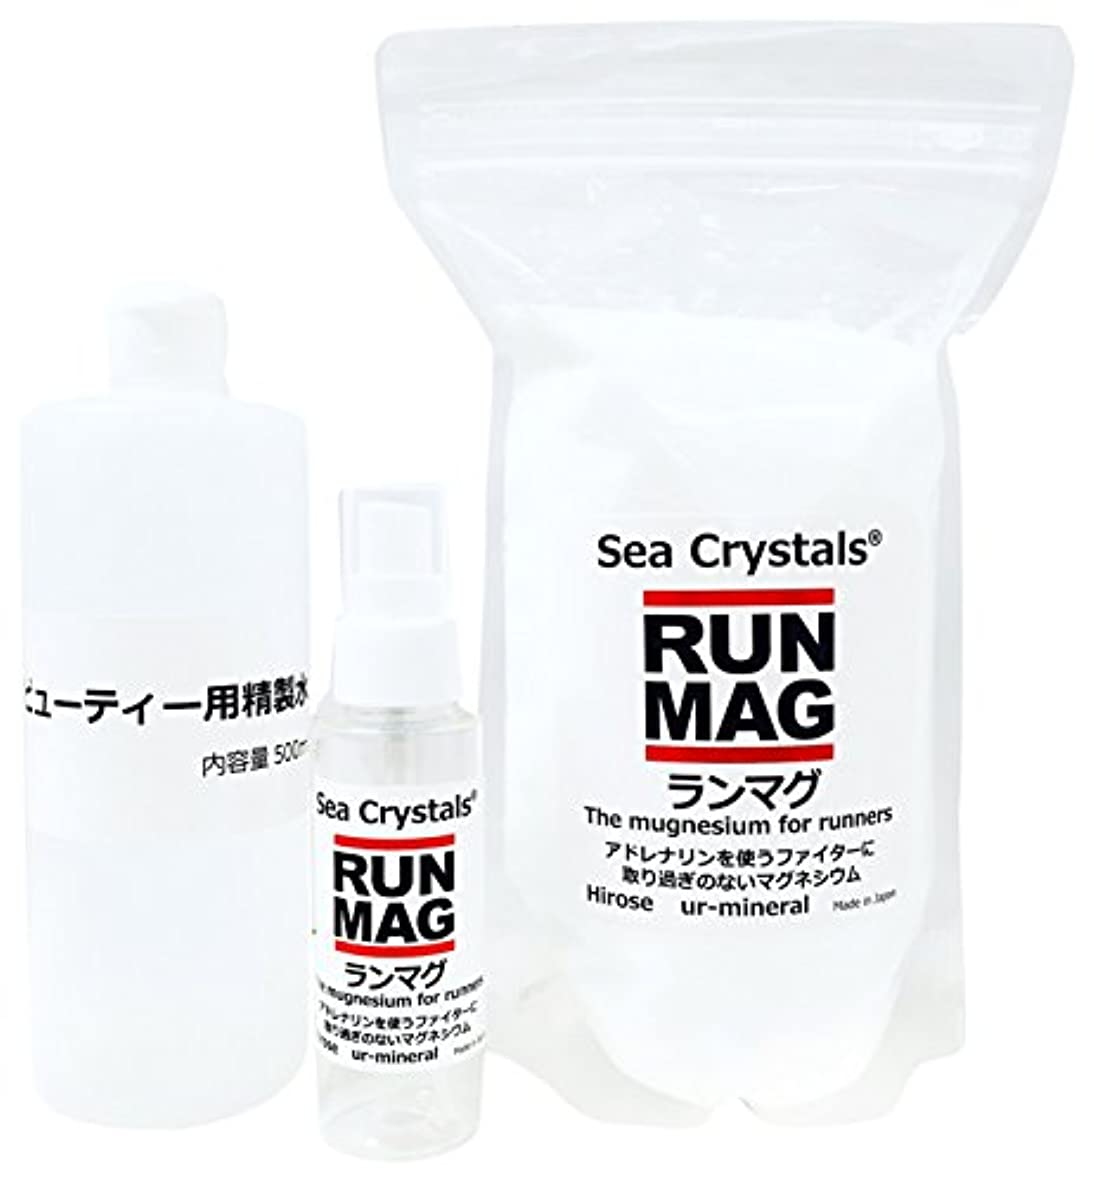 鋸歯状悲惨スワップランマグ?マグネシウムオイル 500g 化粧品登録 日本製 1日マグネシウム360mg使用  精製水付き